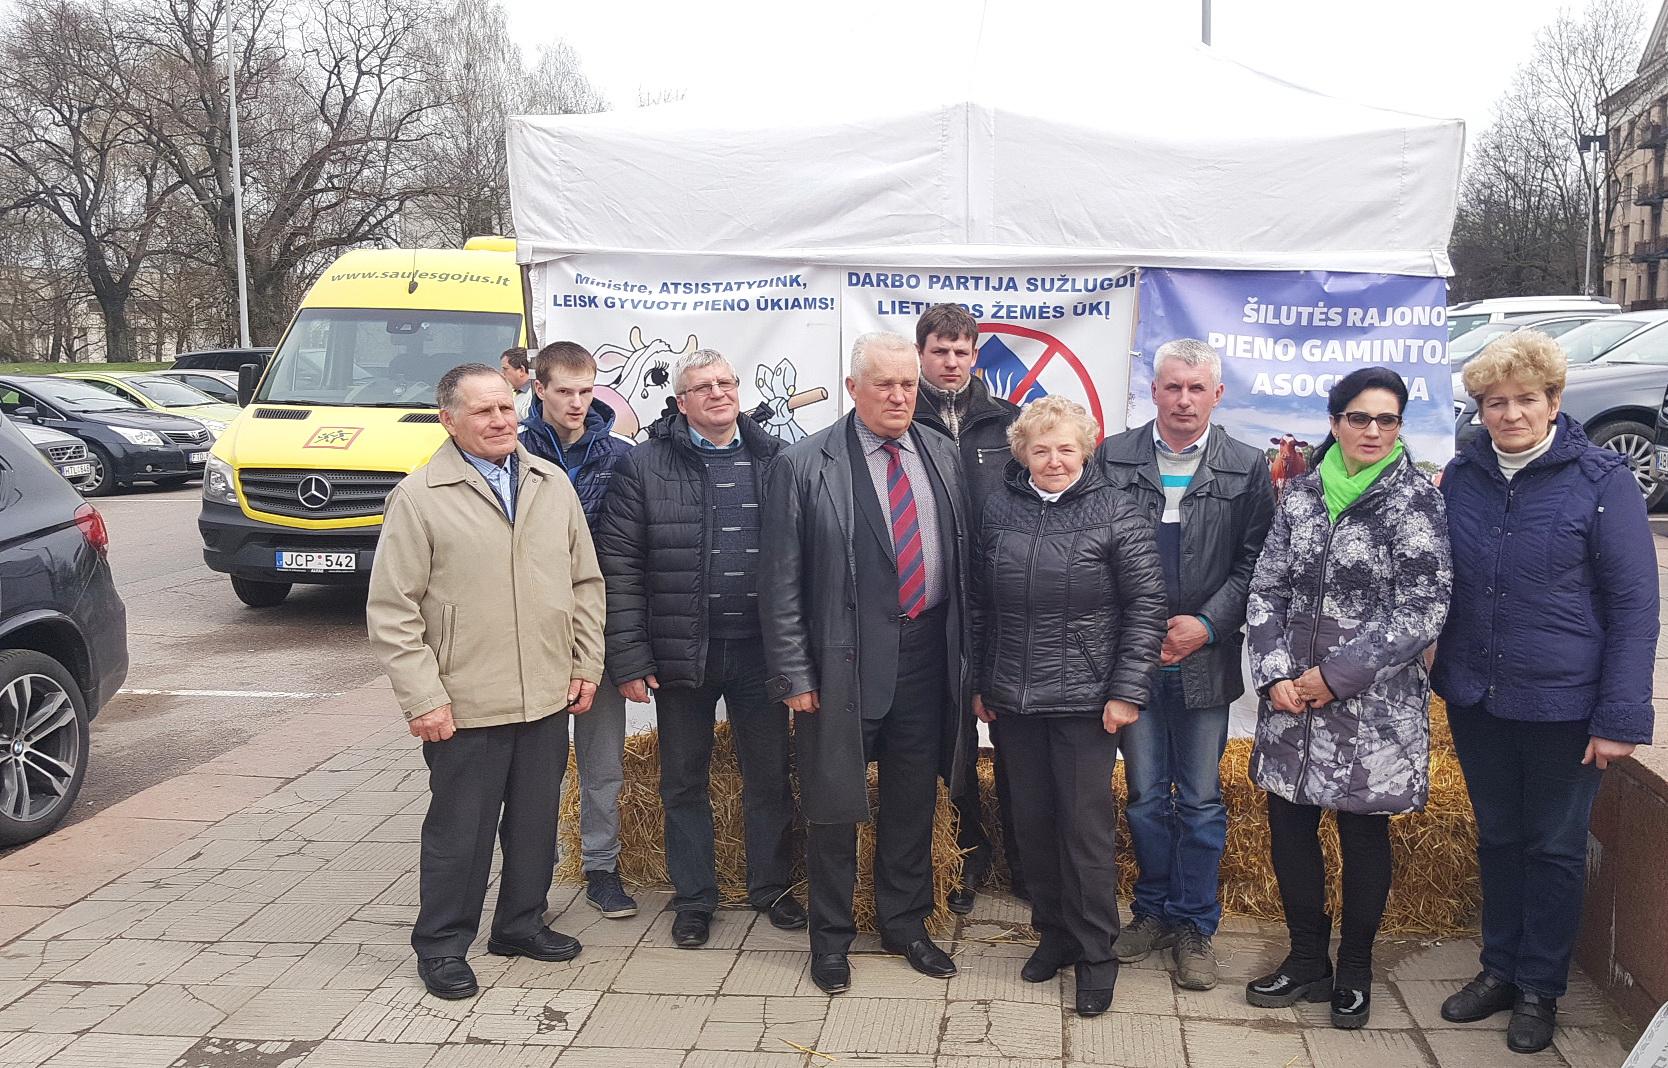 Šilutės pieno ūkių atstovai pikete Vilniuje šiandien, balandžio 12 d.